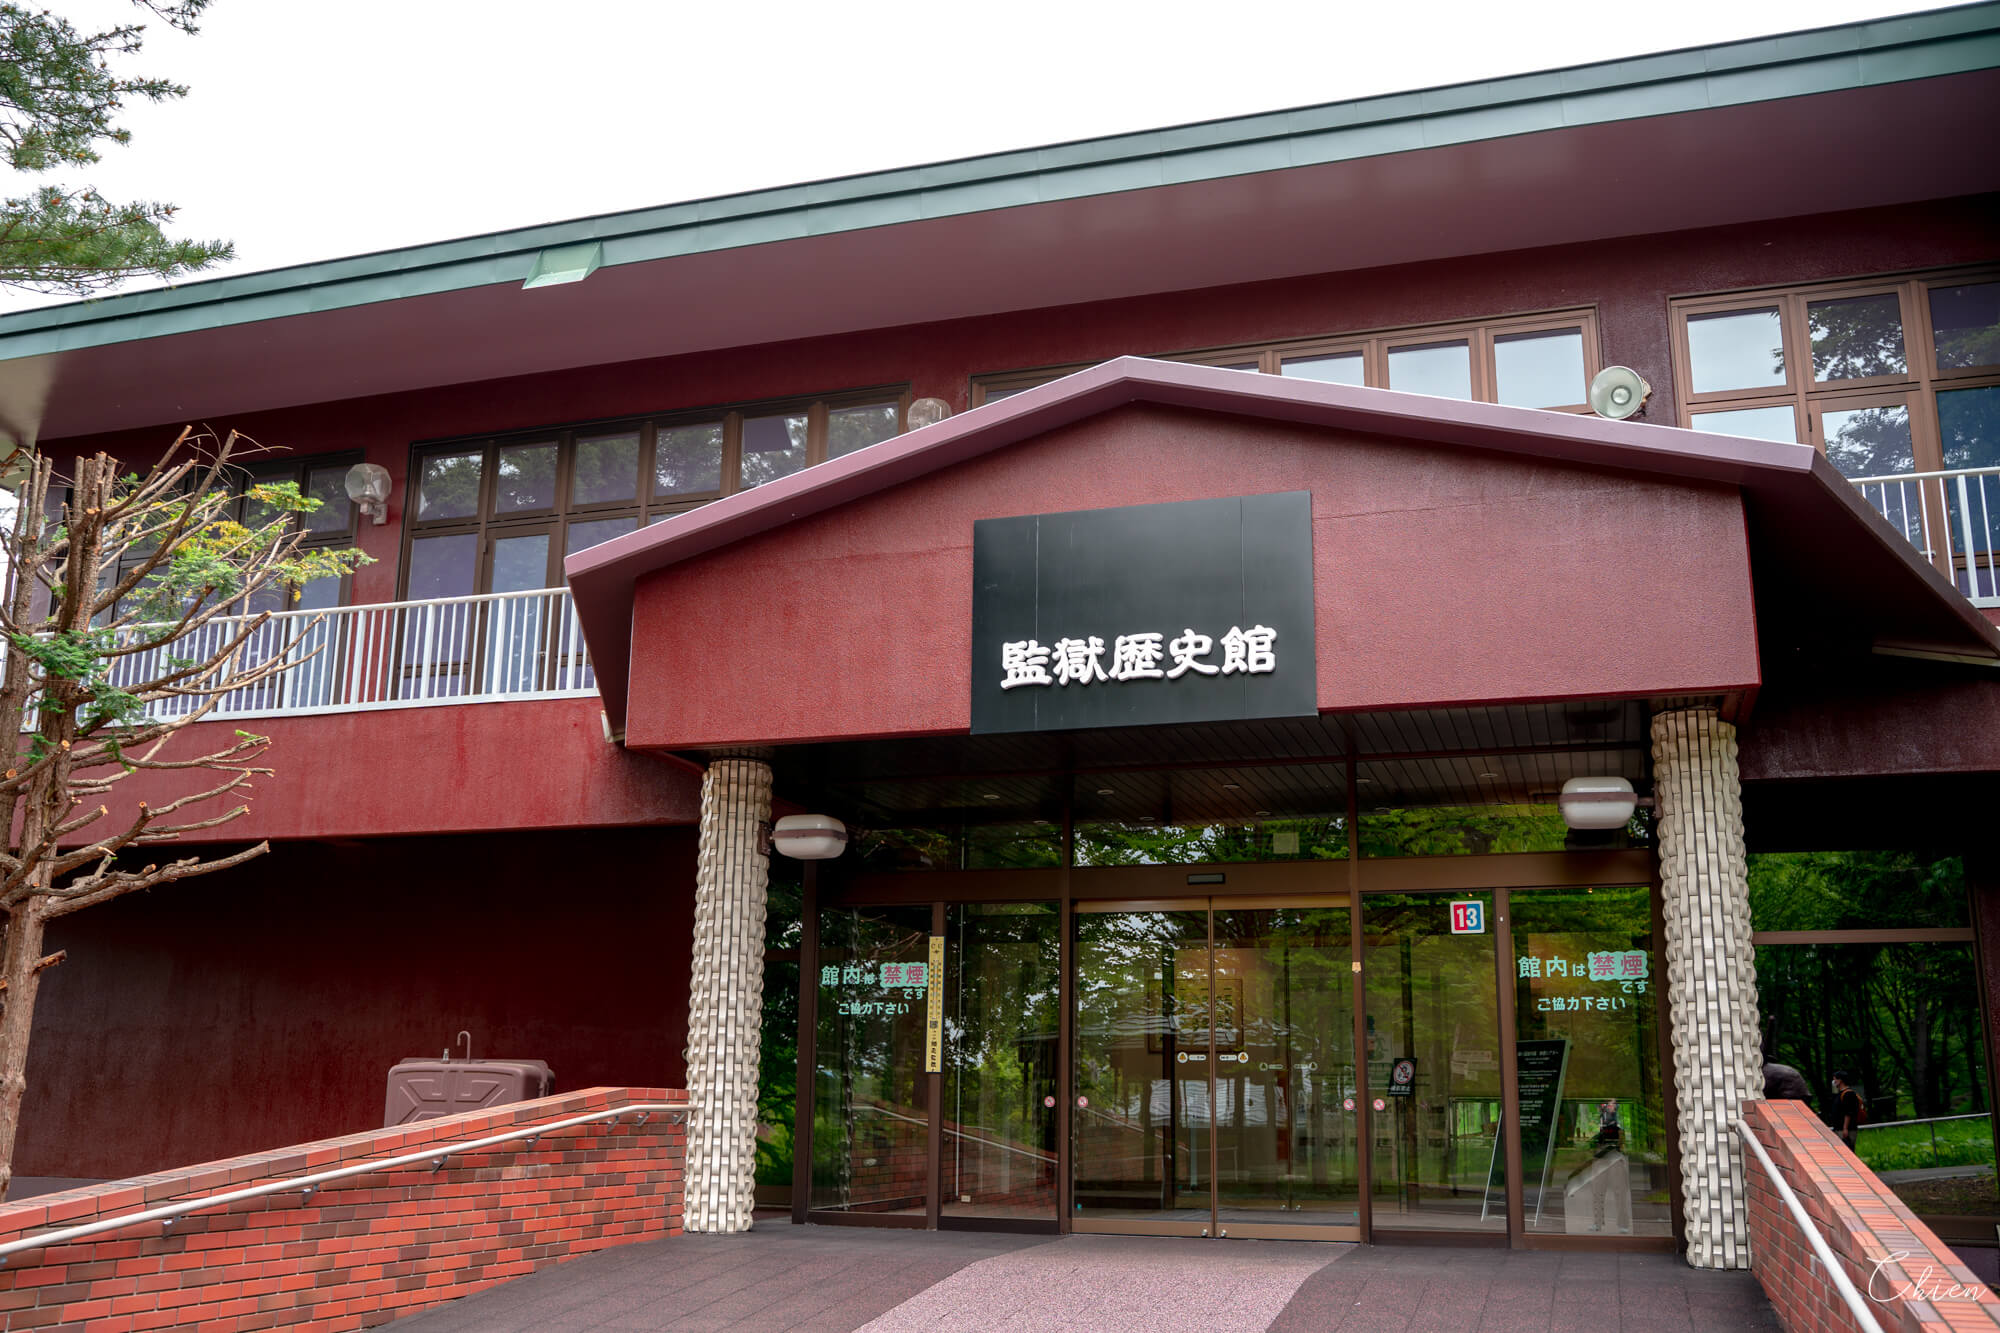 北海道自駕旅行「網走監獄博物館」景點2